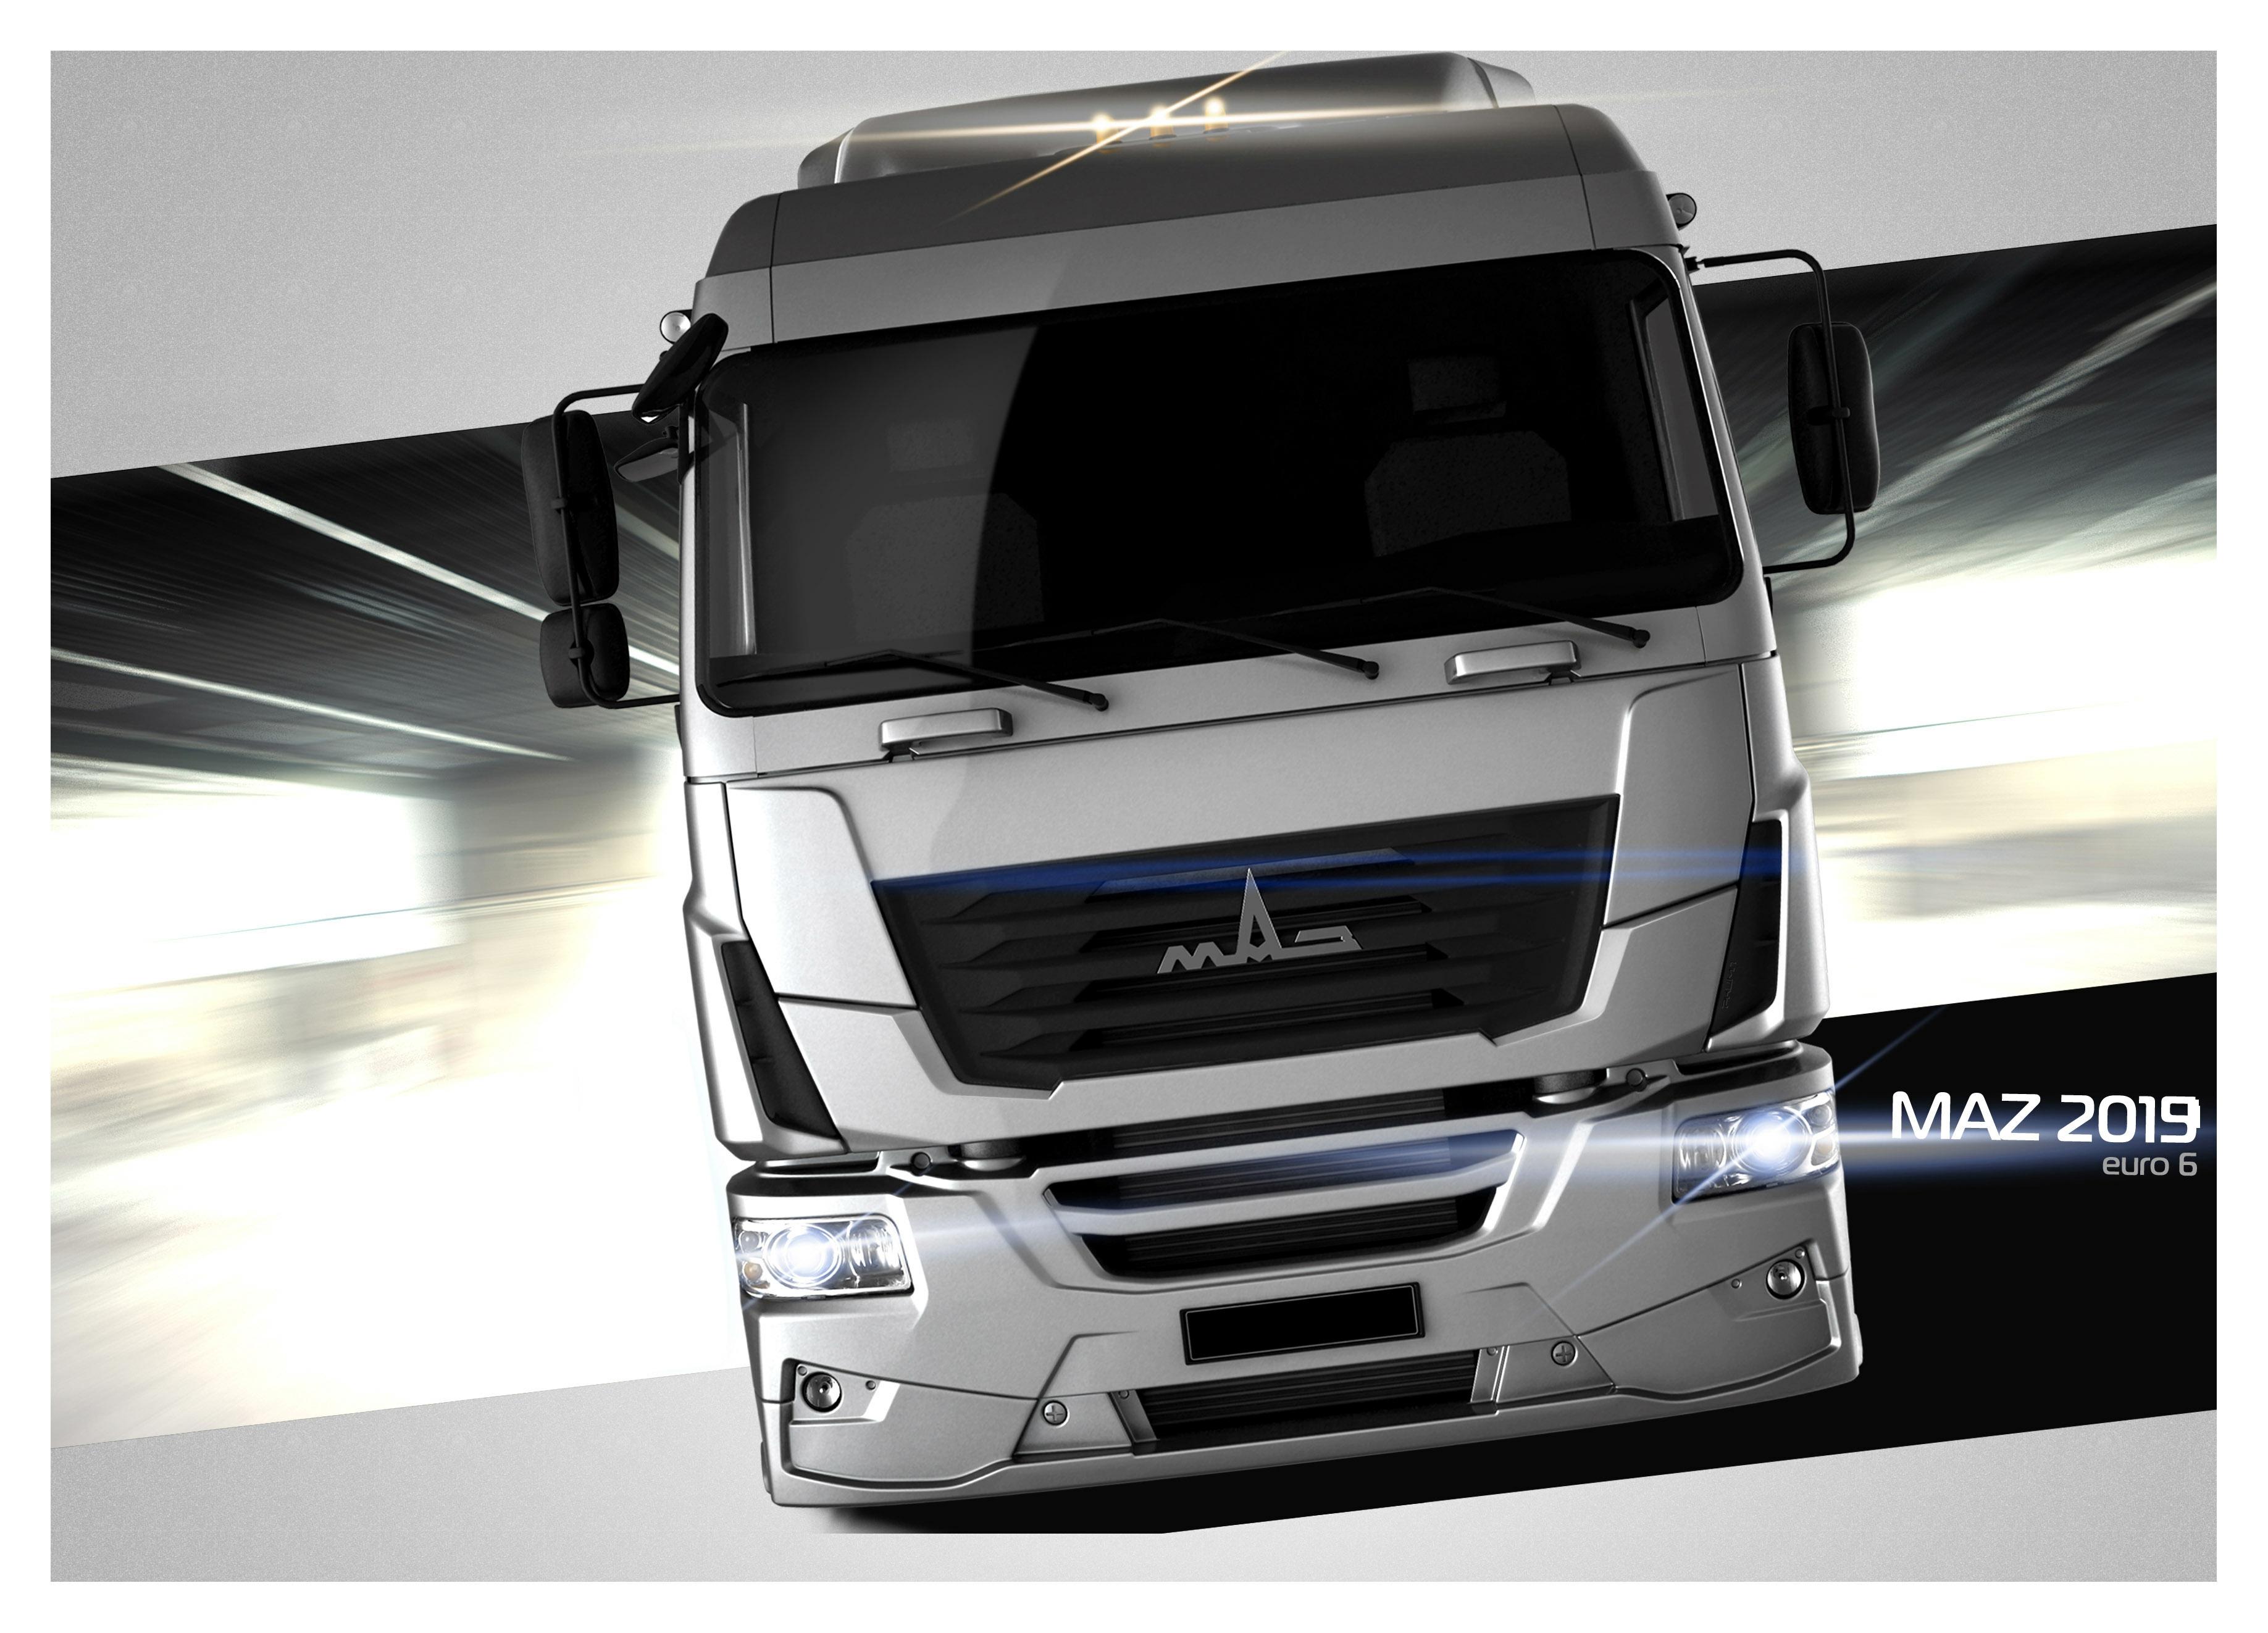 Новый МАЗ – новые бизнес-возможности для транспортировки грузов в Украине